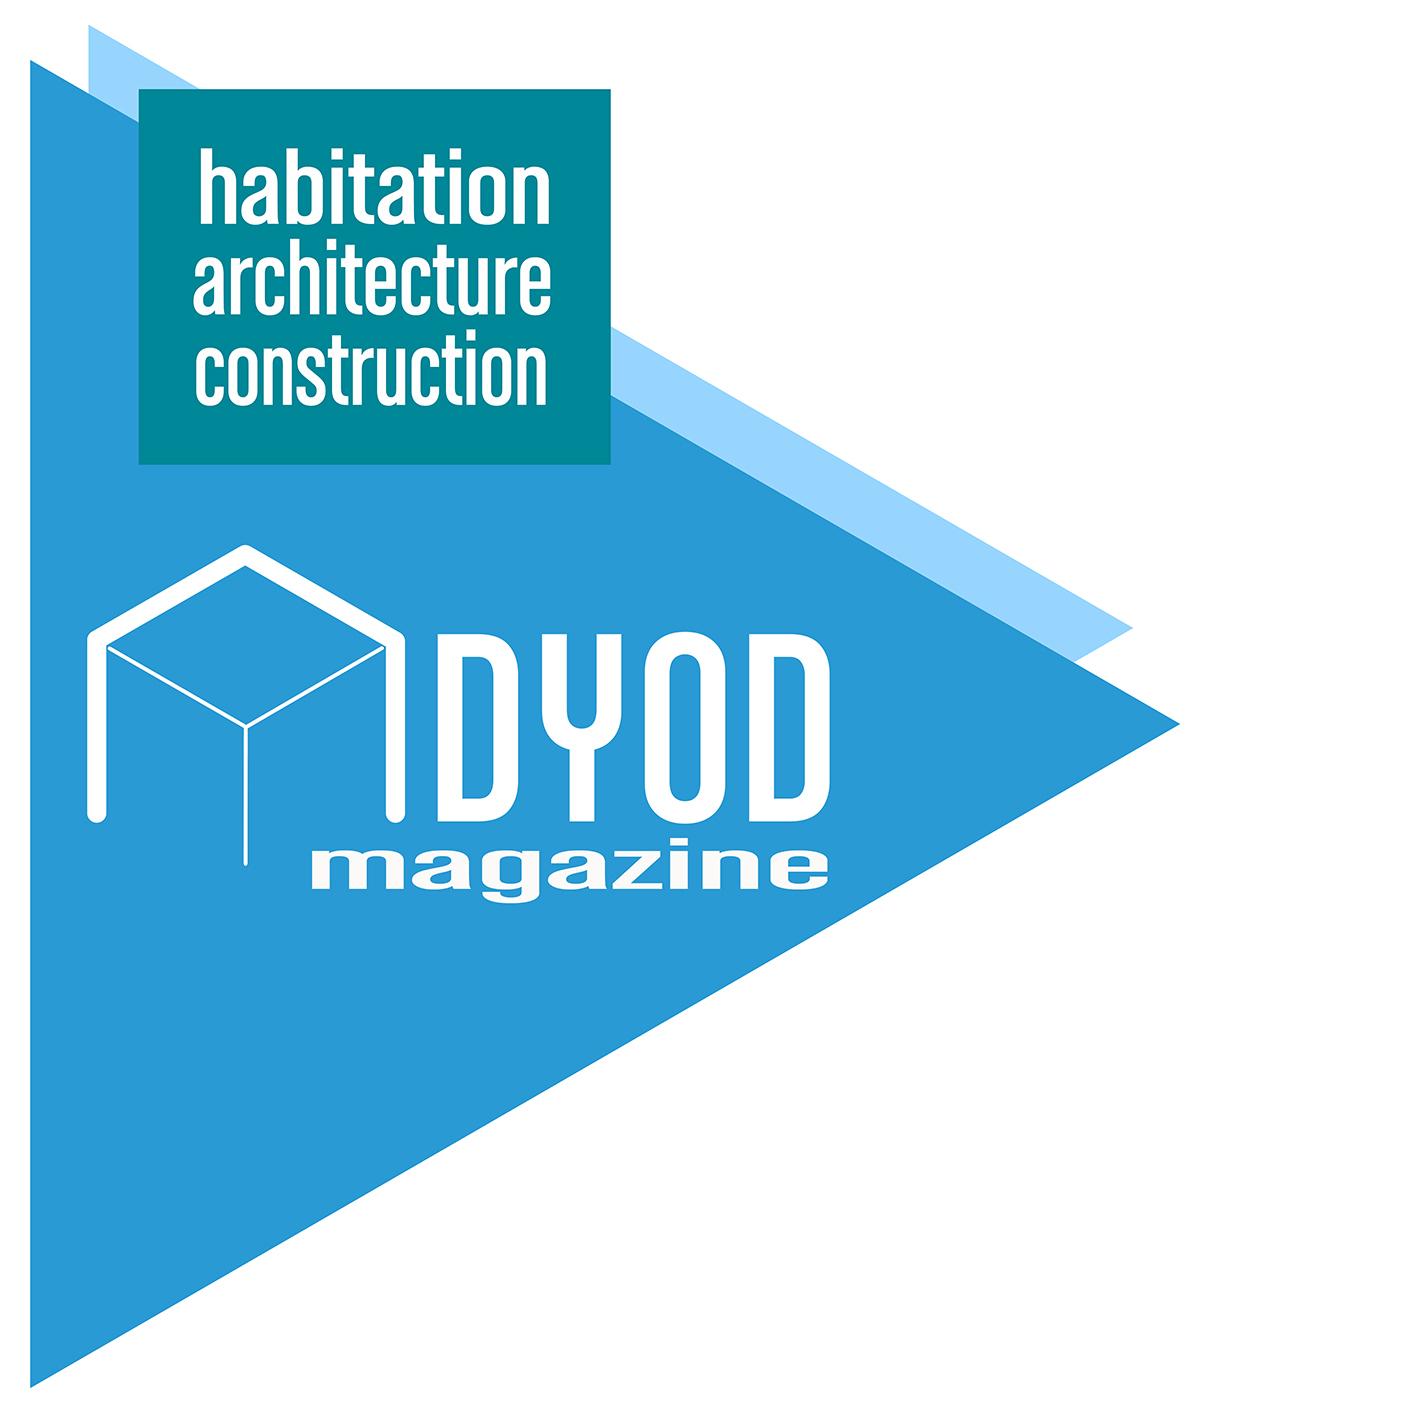 Dyod magazine